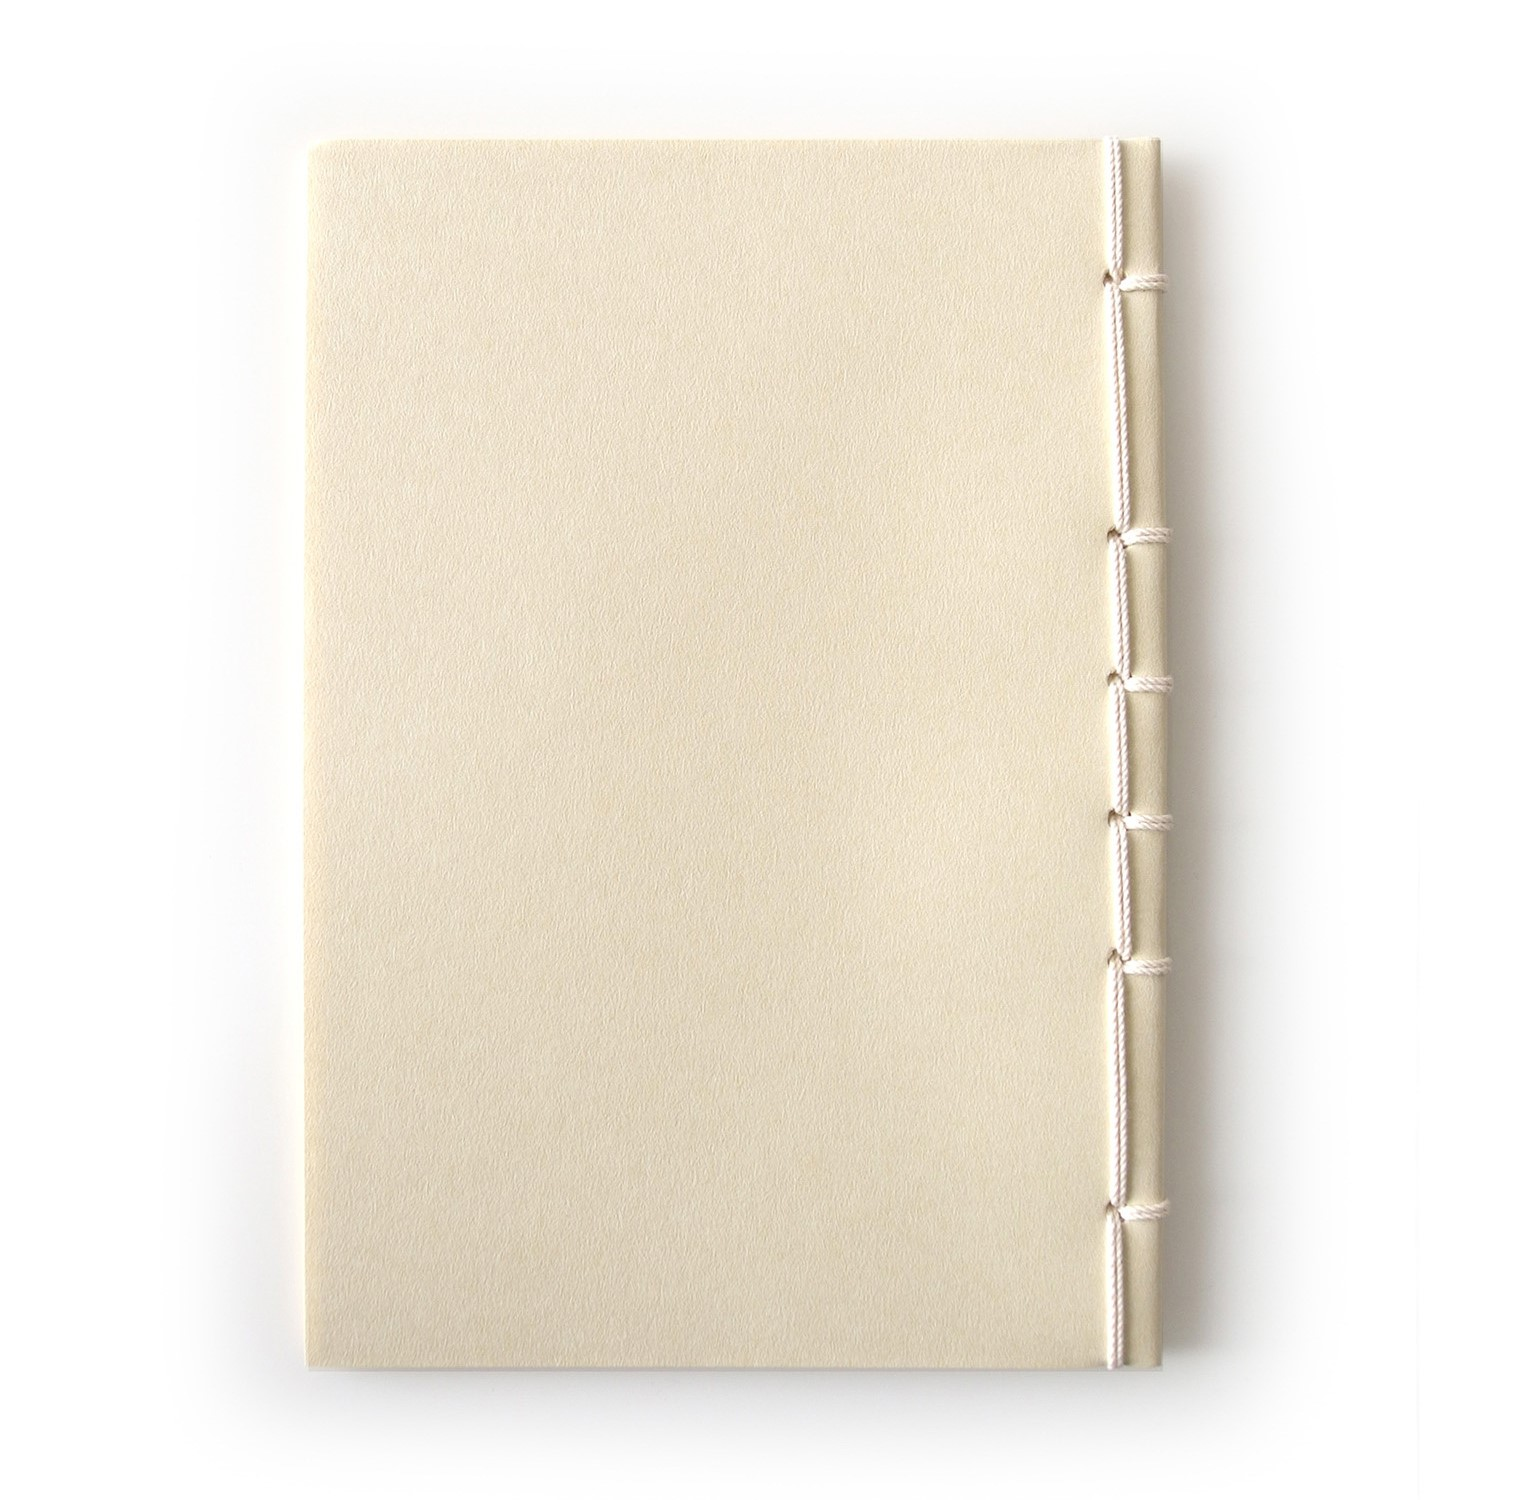 KAKURAのノートLサイズ